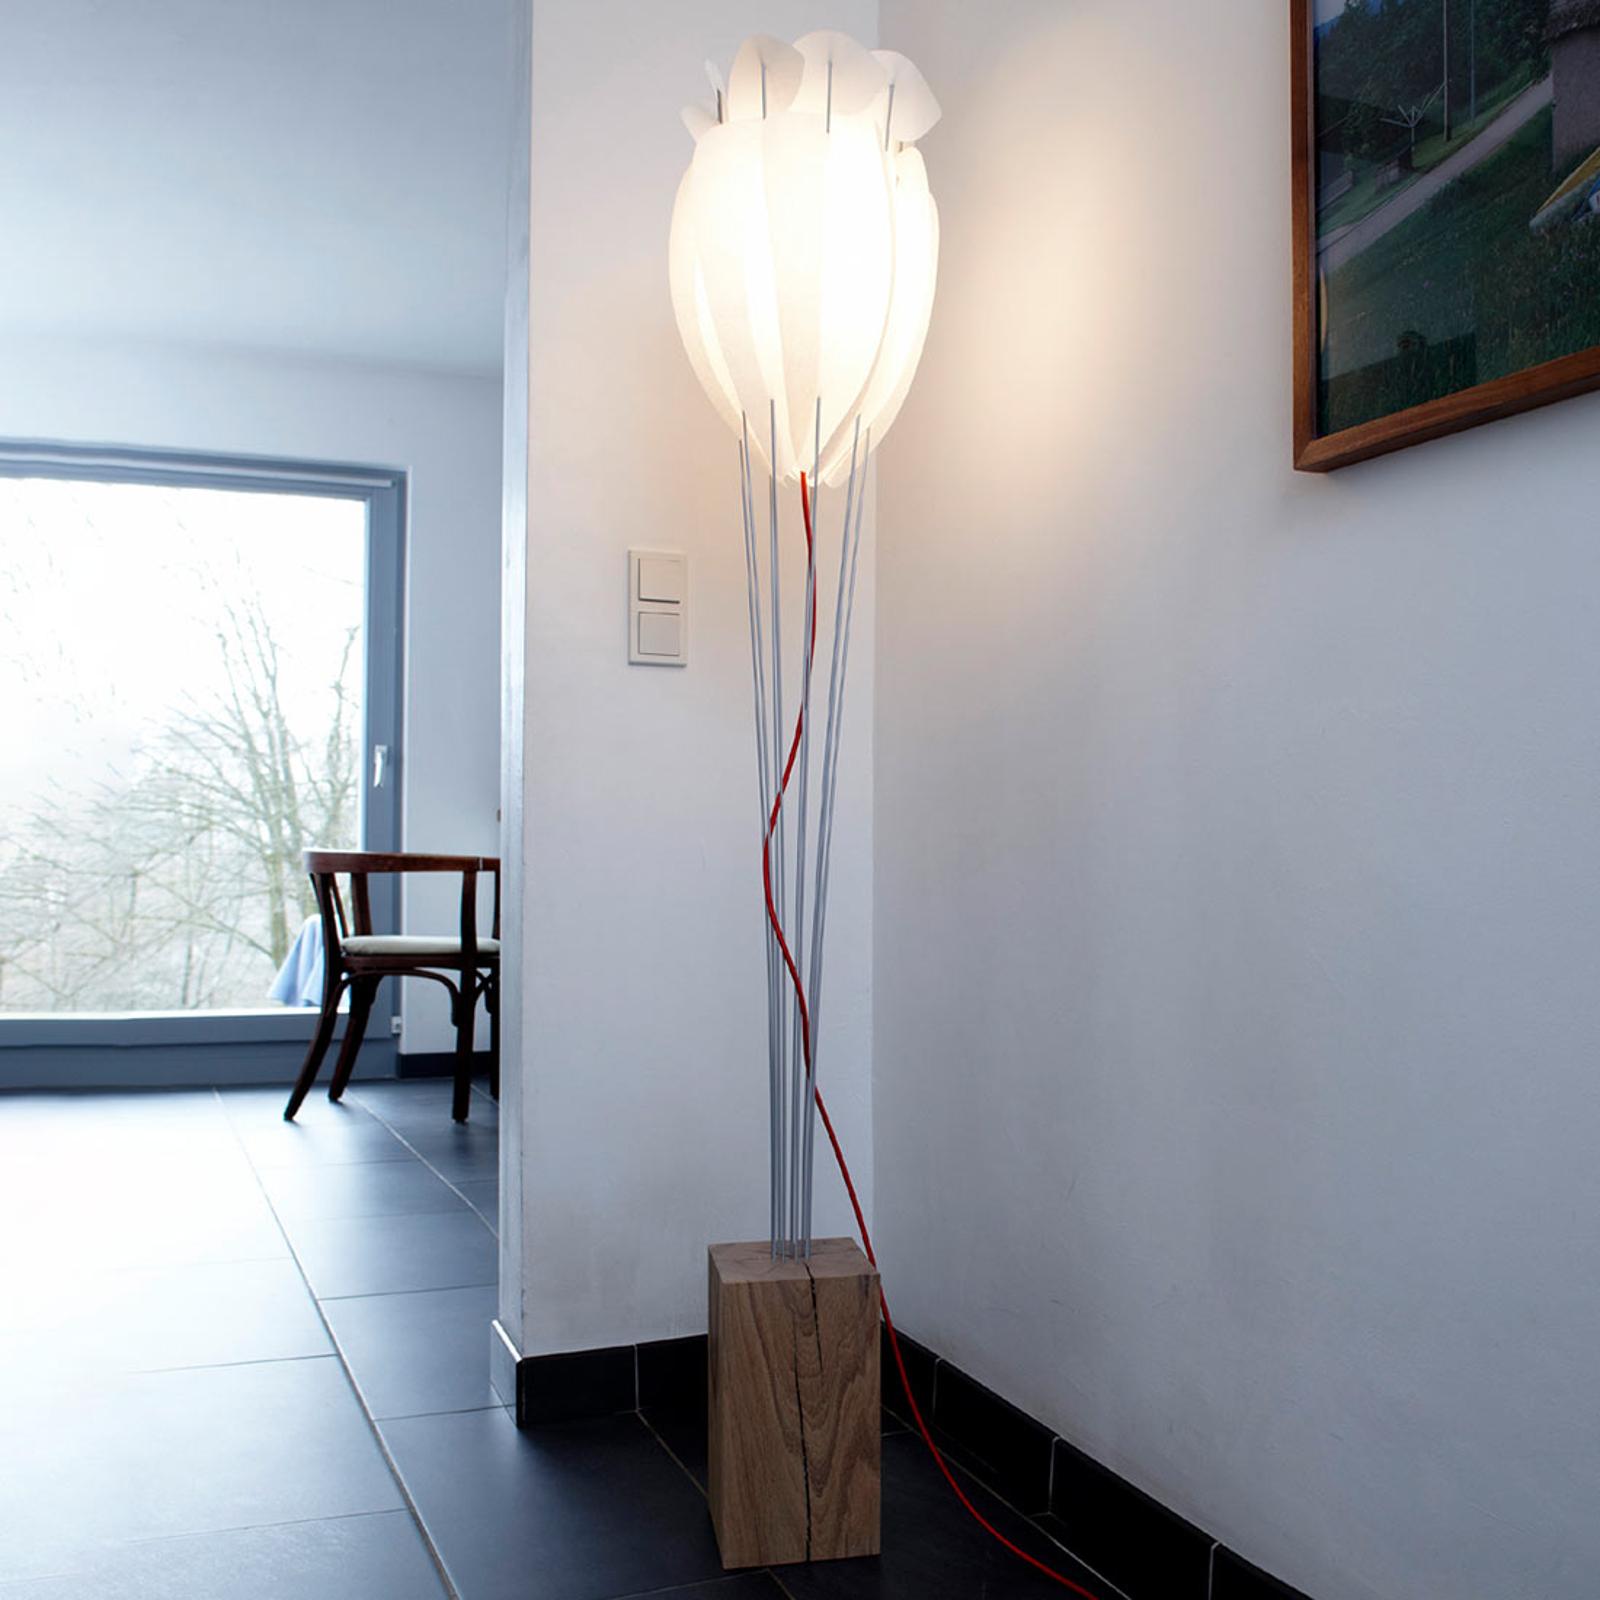 Lampa stojąca Tulip czerwony kabel dąb biały